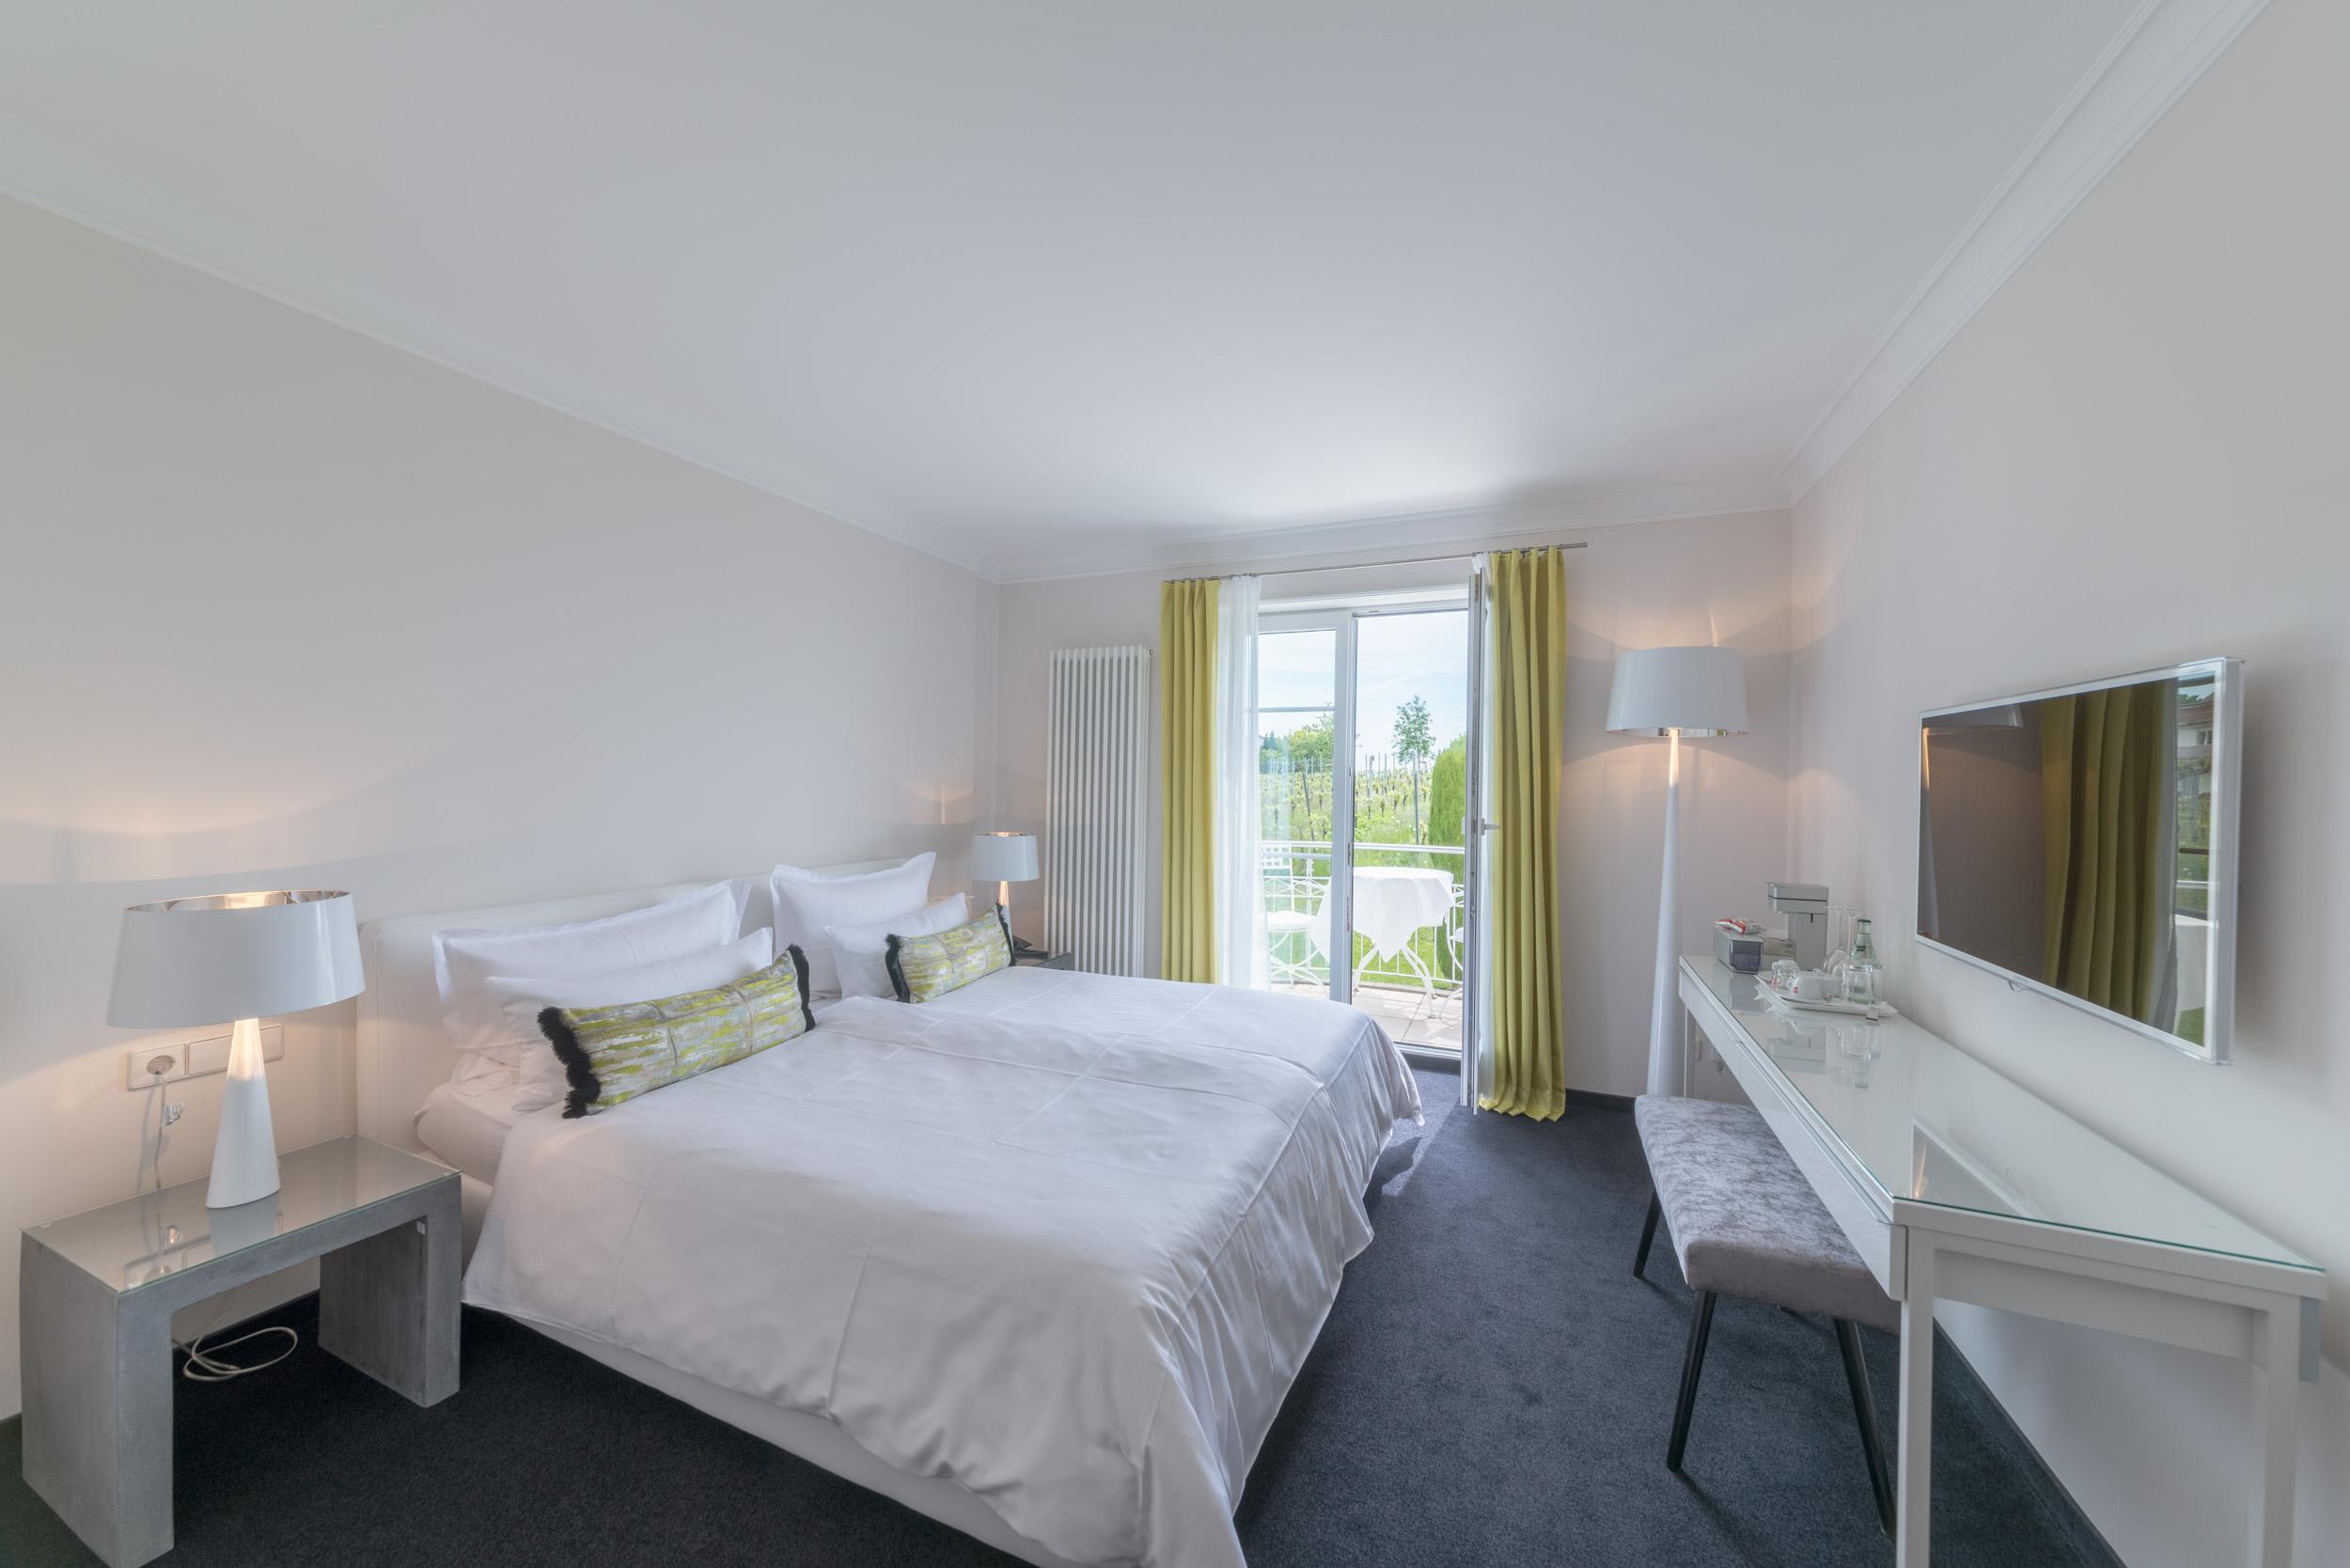 Hotel Villa Seeschau Bodensee Meersburg